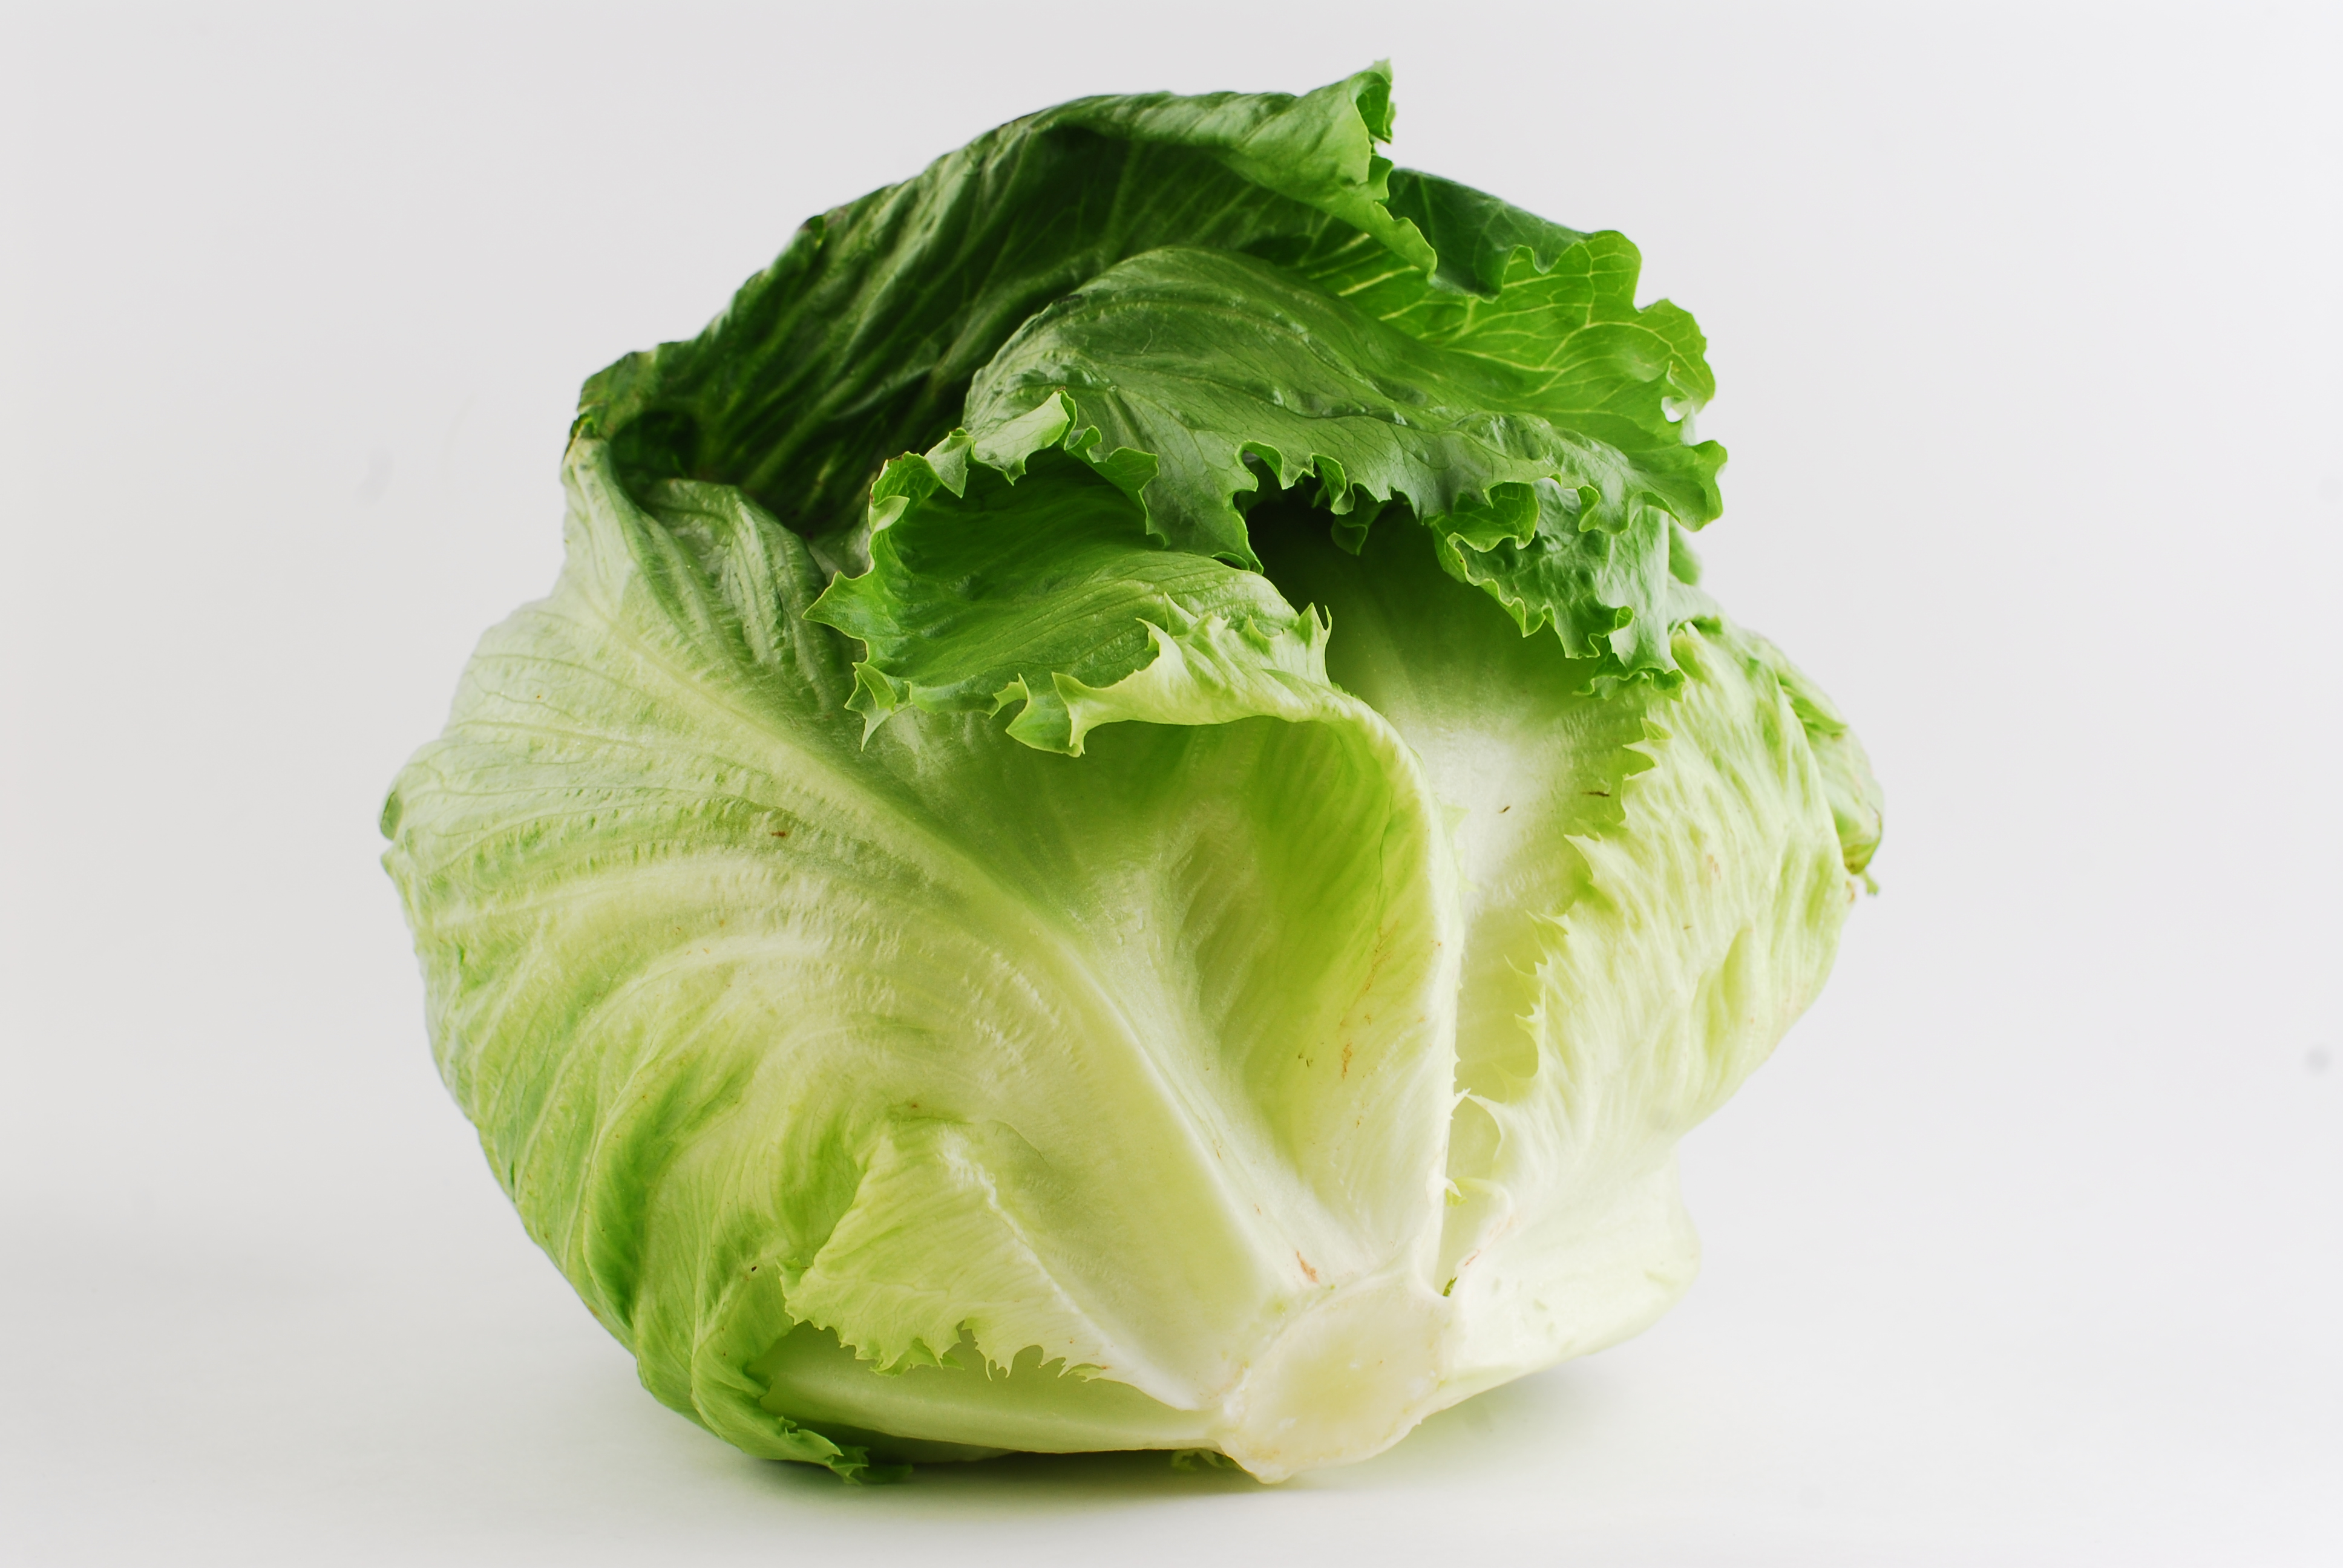 Салат айсберг — витамины